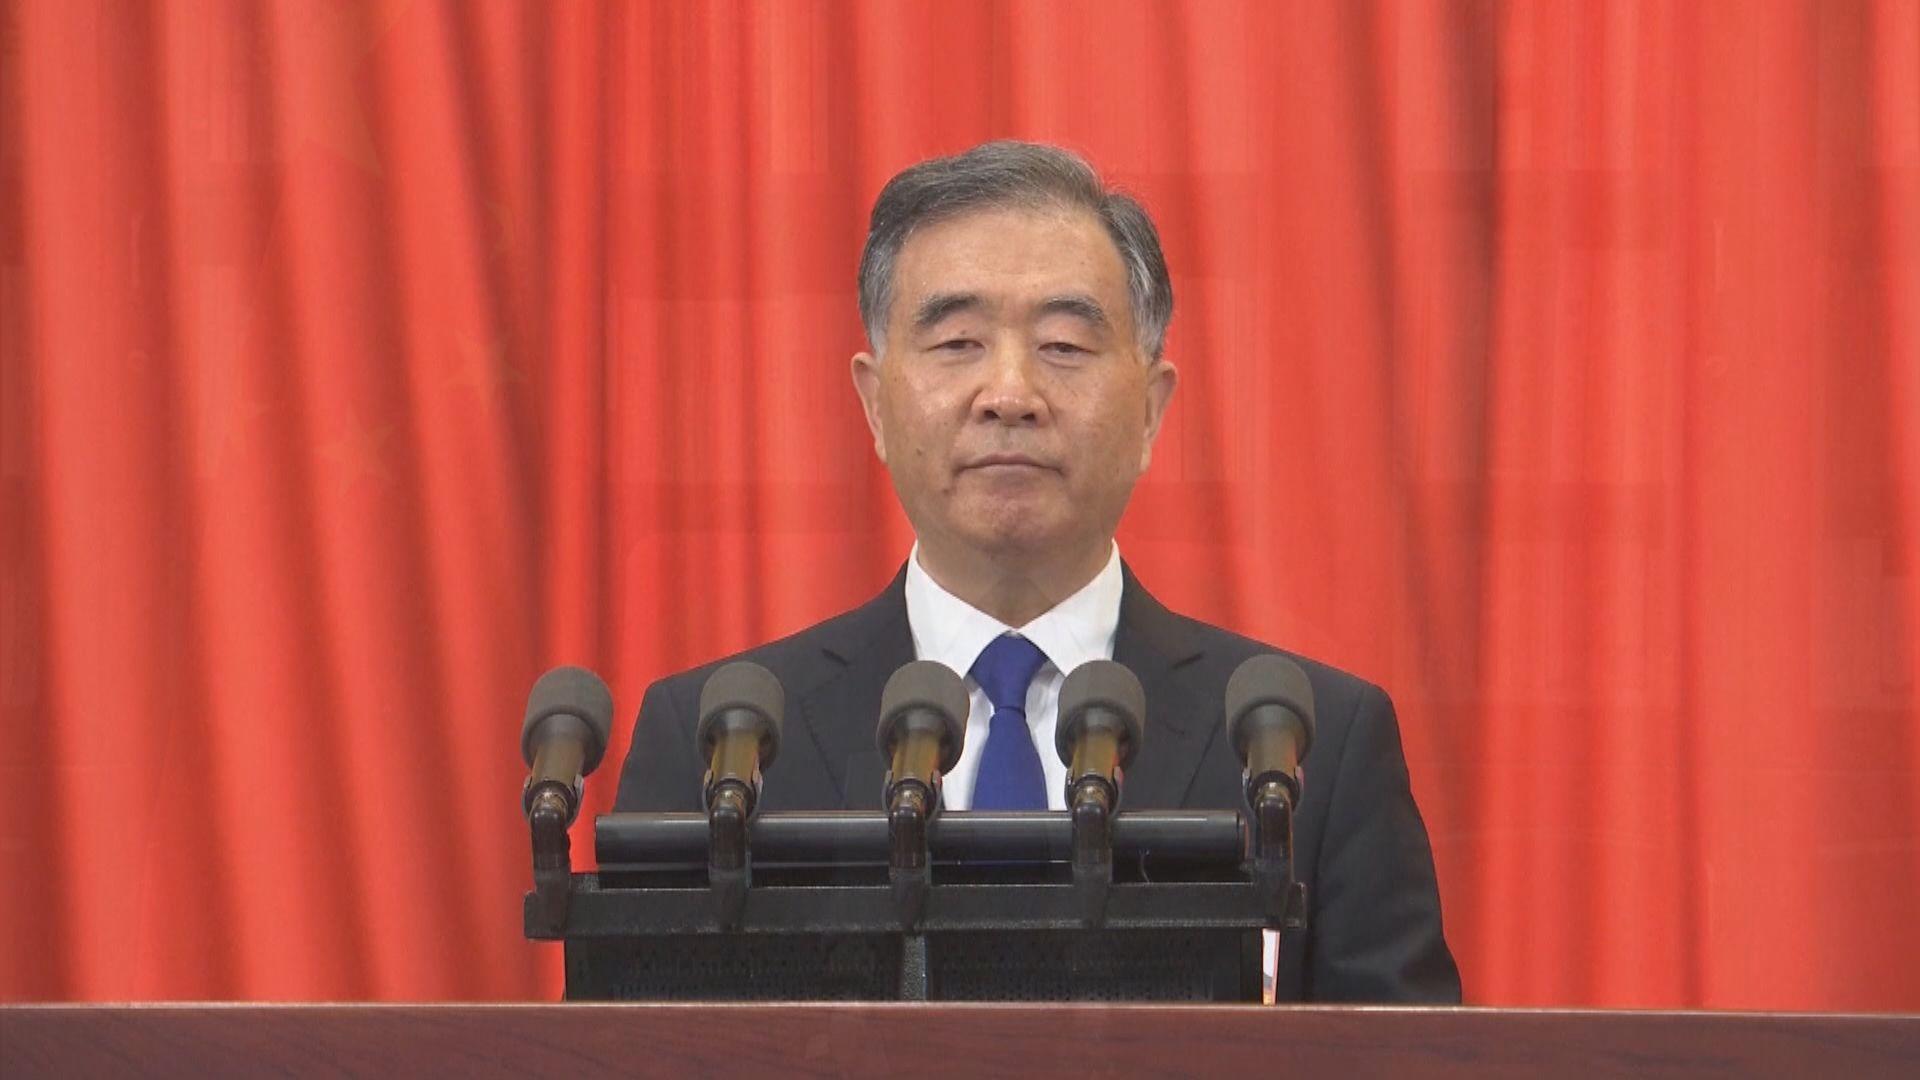 全國政協主席汪洋視像講話 多名全國政協委員出席